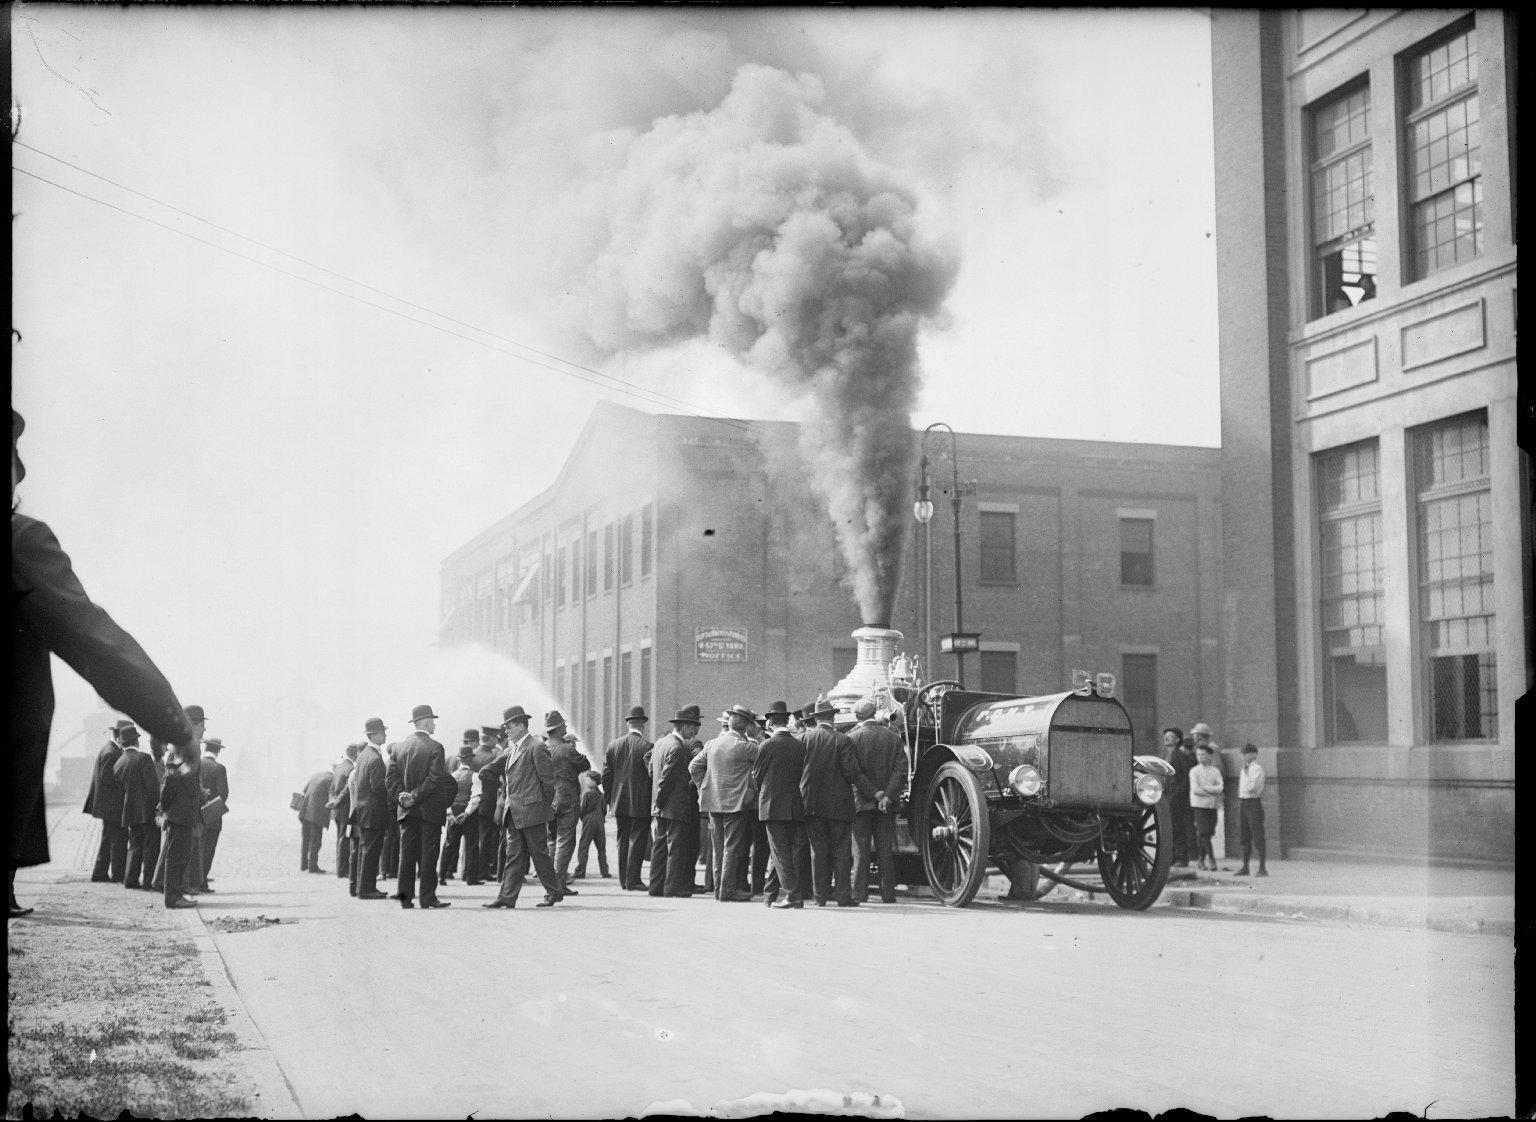 Паровой пожарный насос с ведущим трактором. Нью-Йорк, США. Начало 20 века